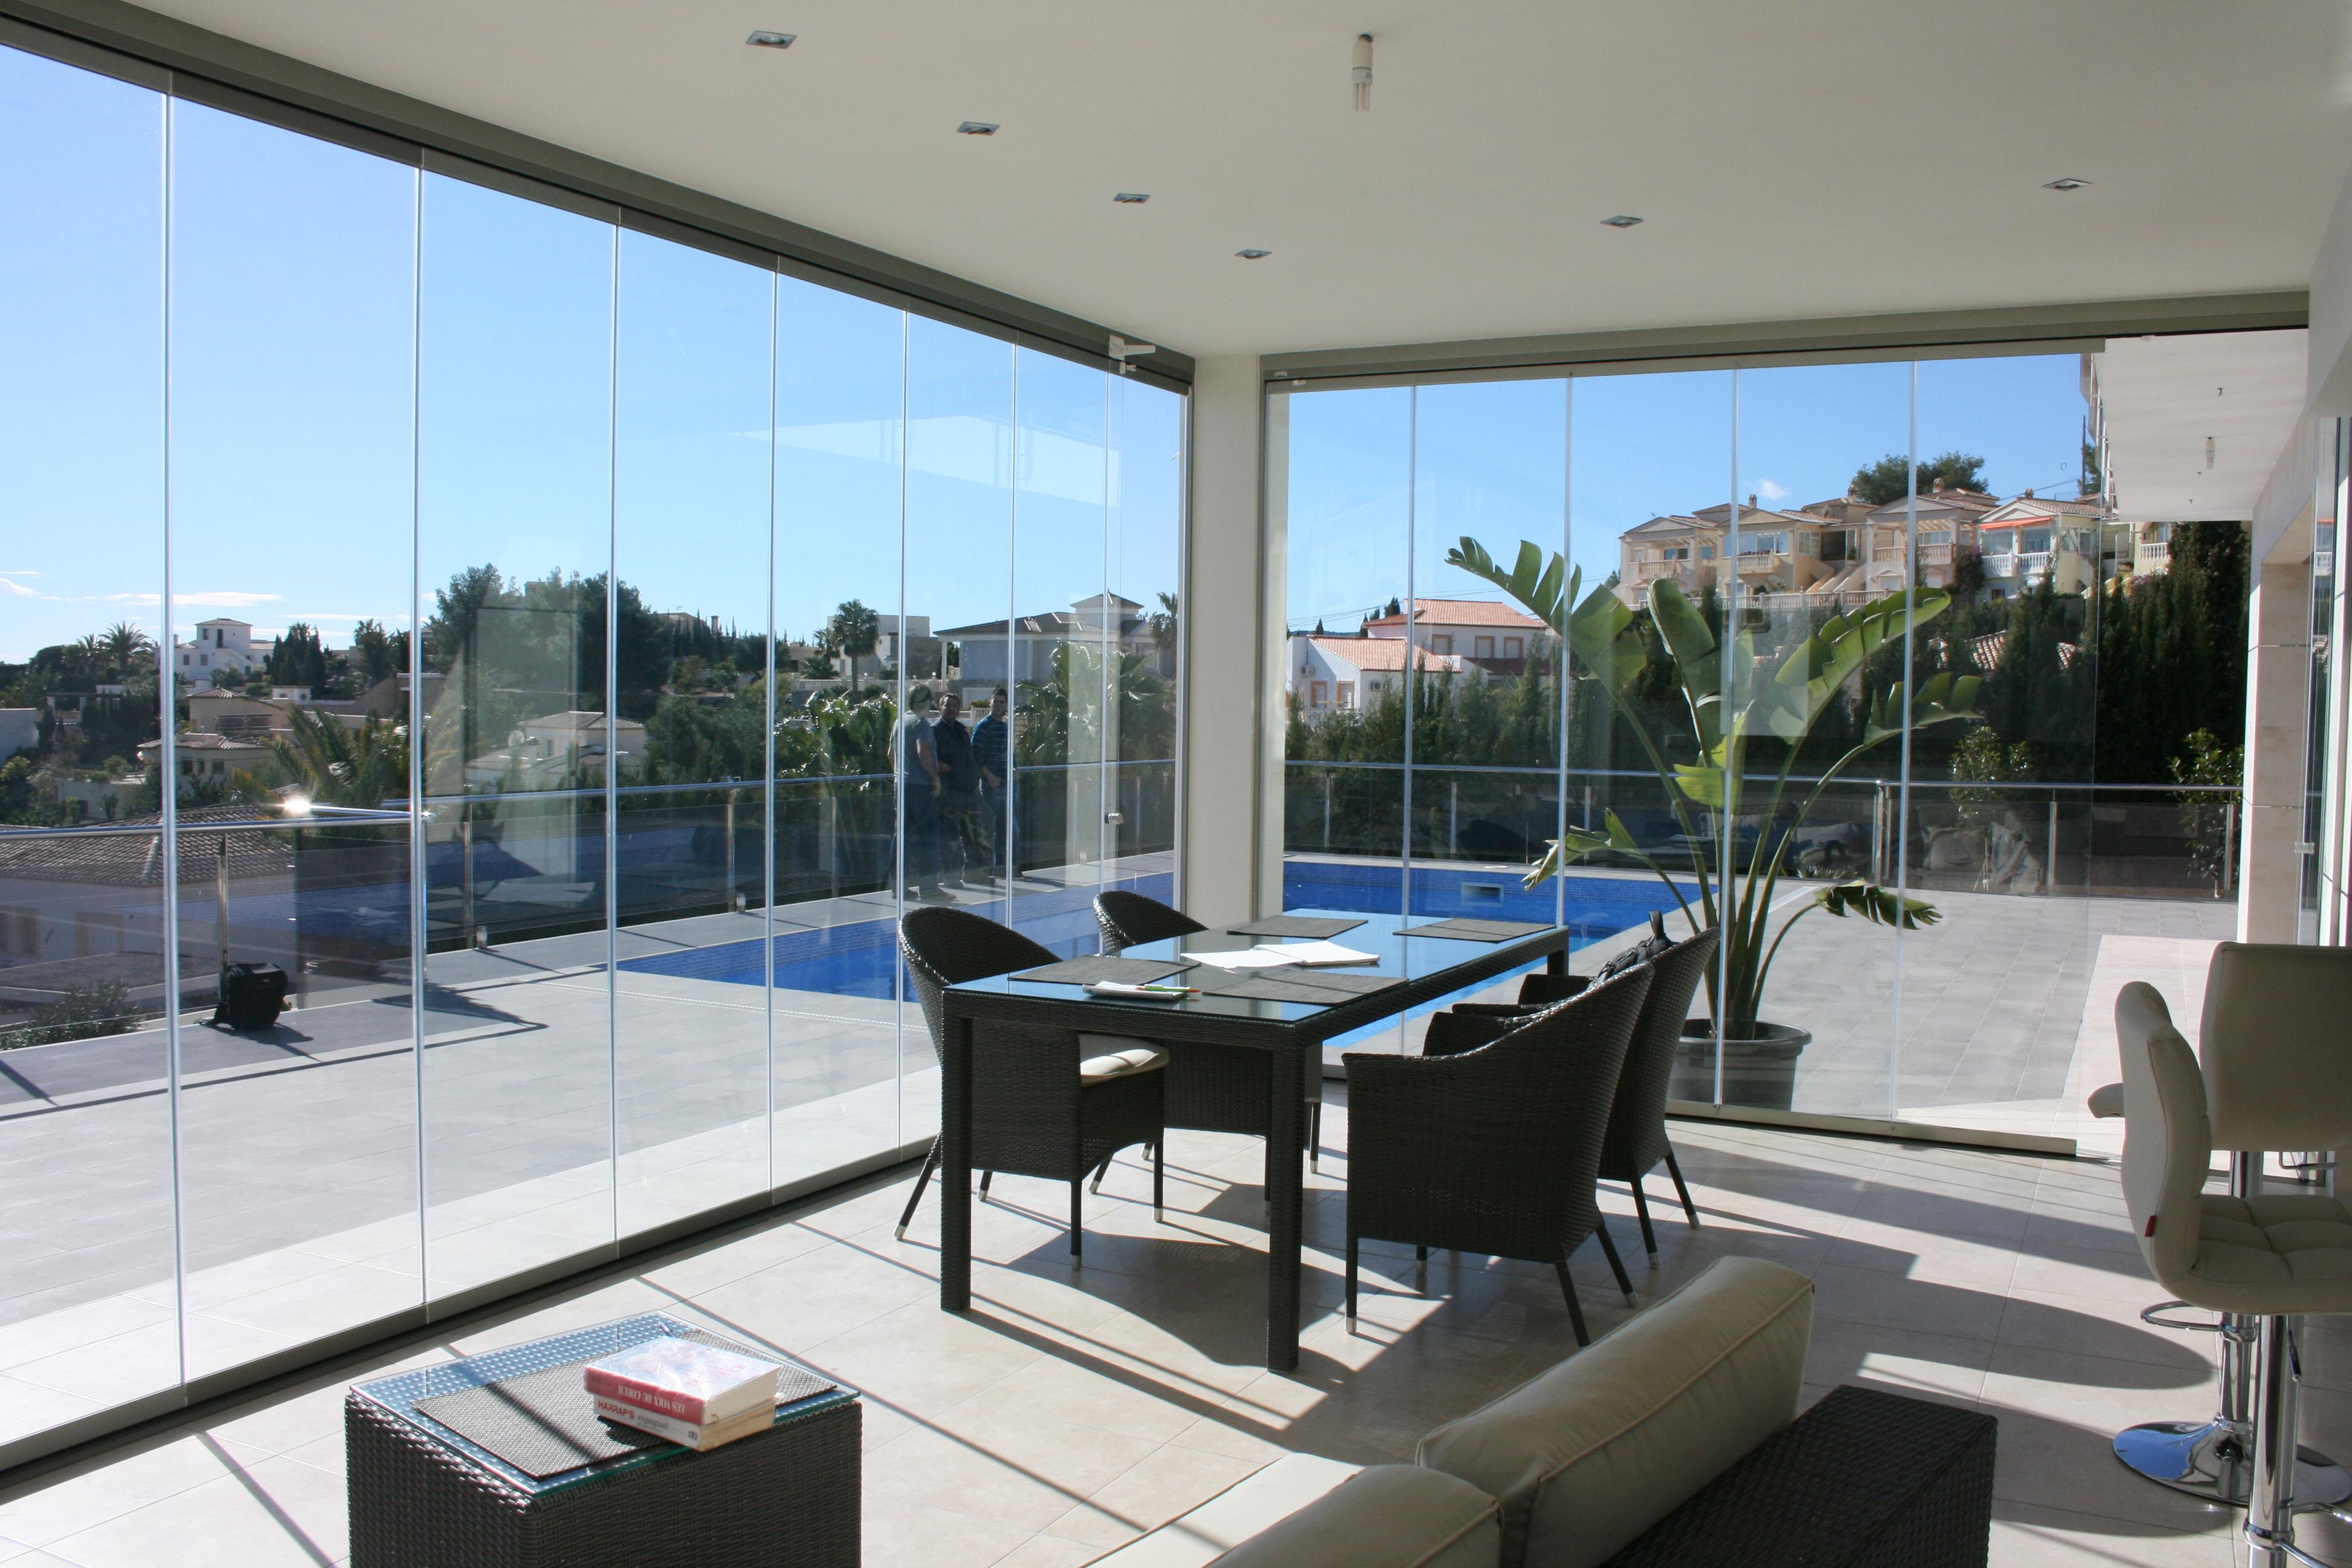 Terraza cristal cheap terraza cristal with terraza for Cerramiento terraza cristal precio